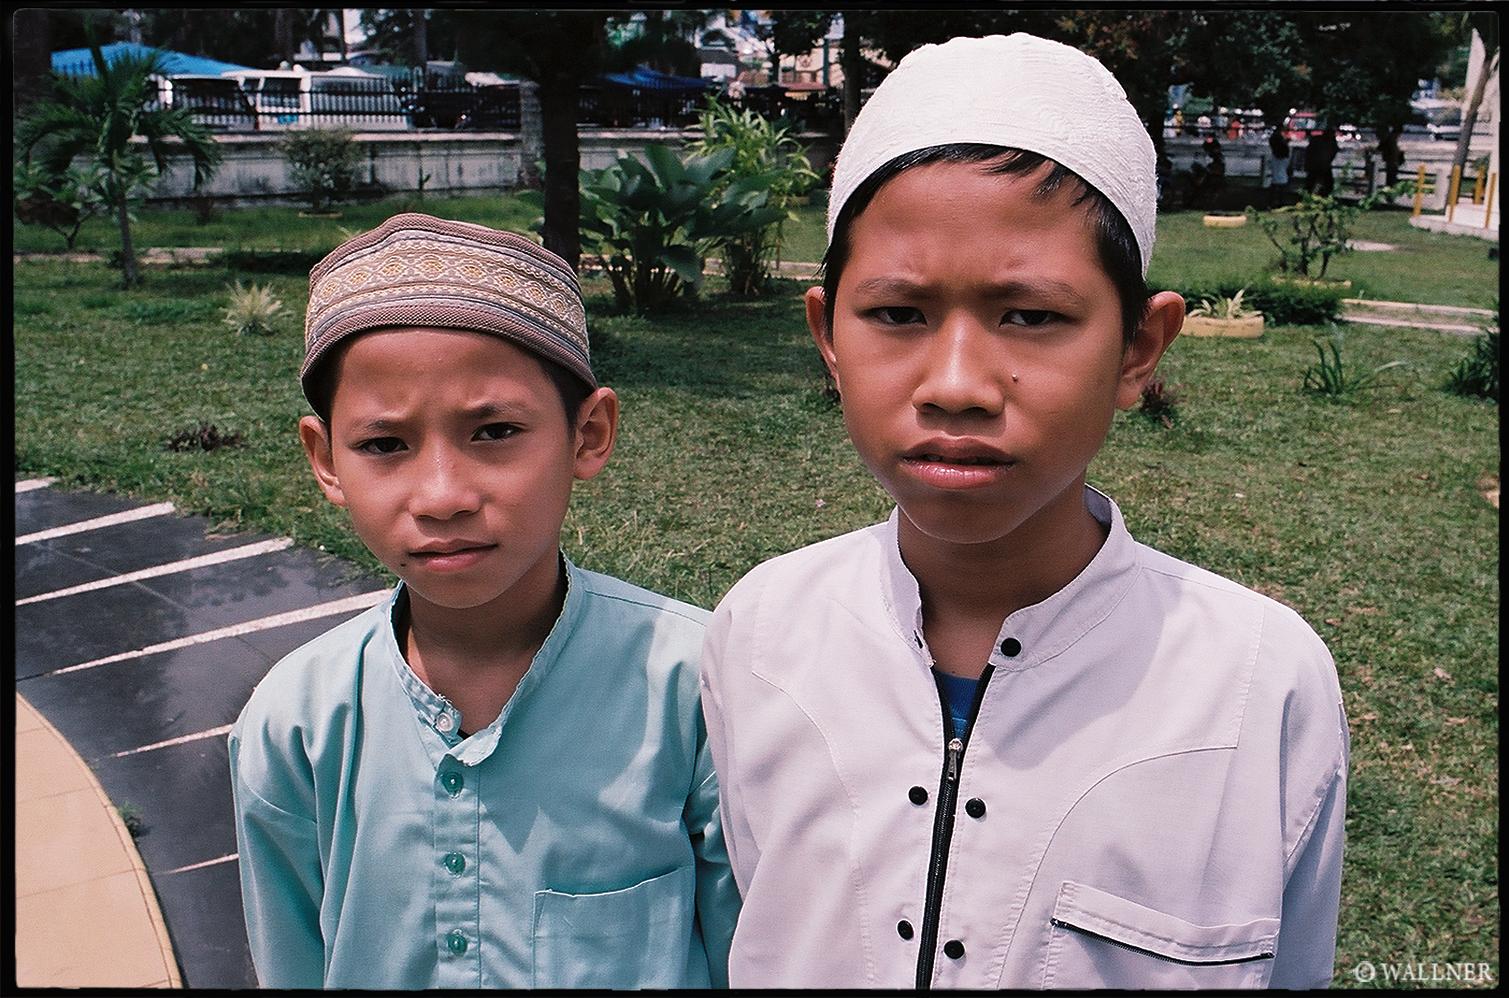 35mmPatrikWallner_Medan_MuslimKidsLOWQ